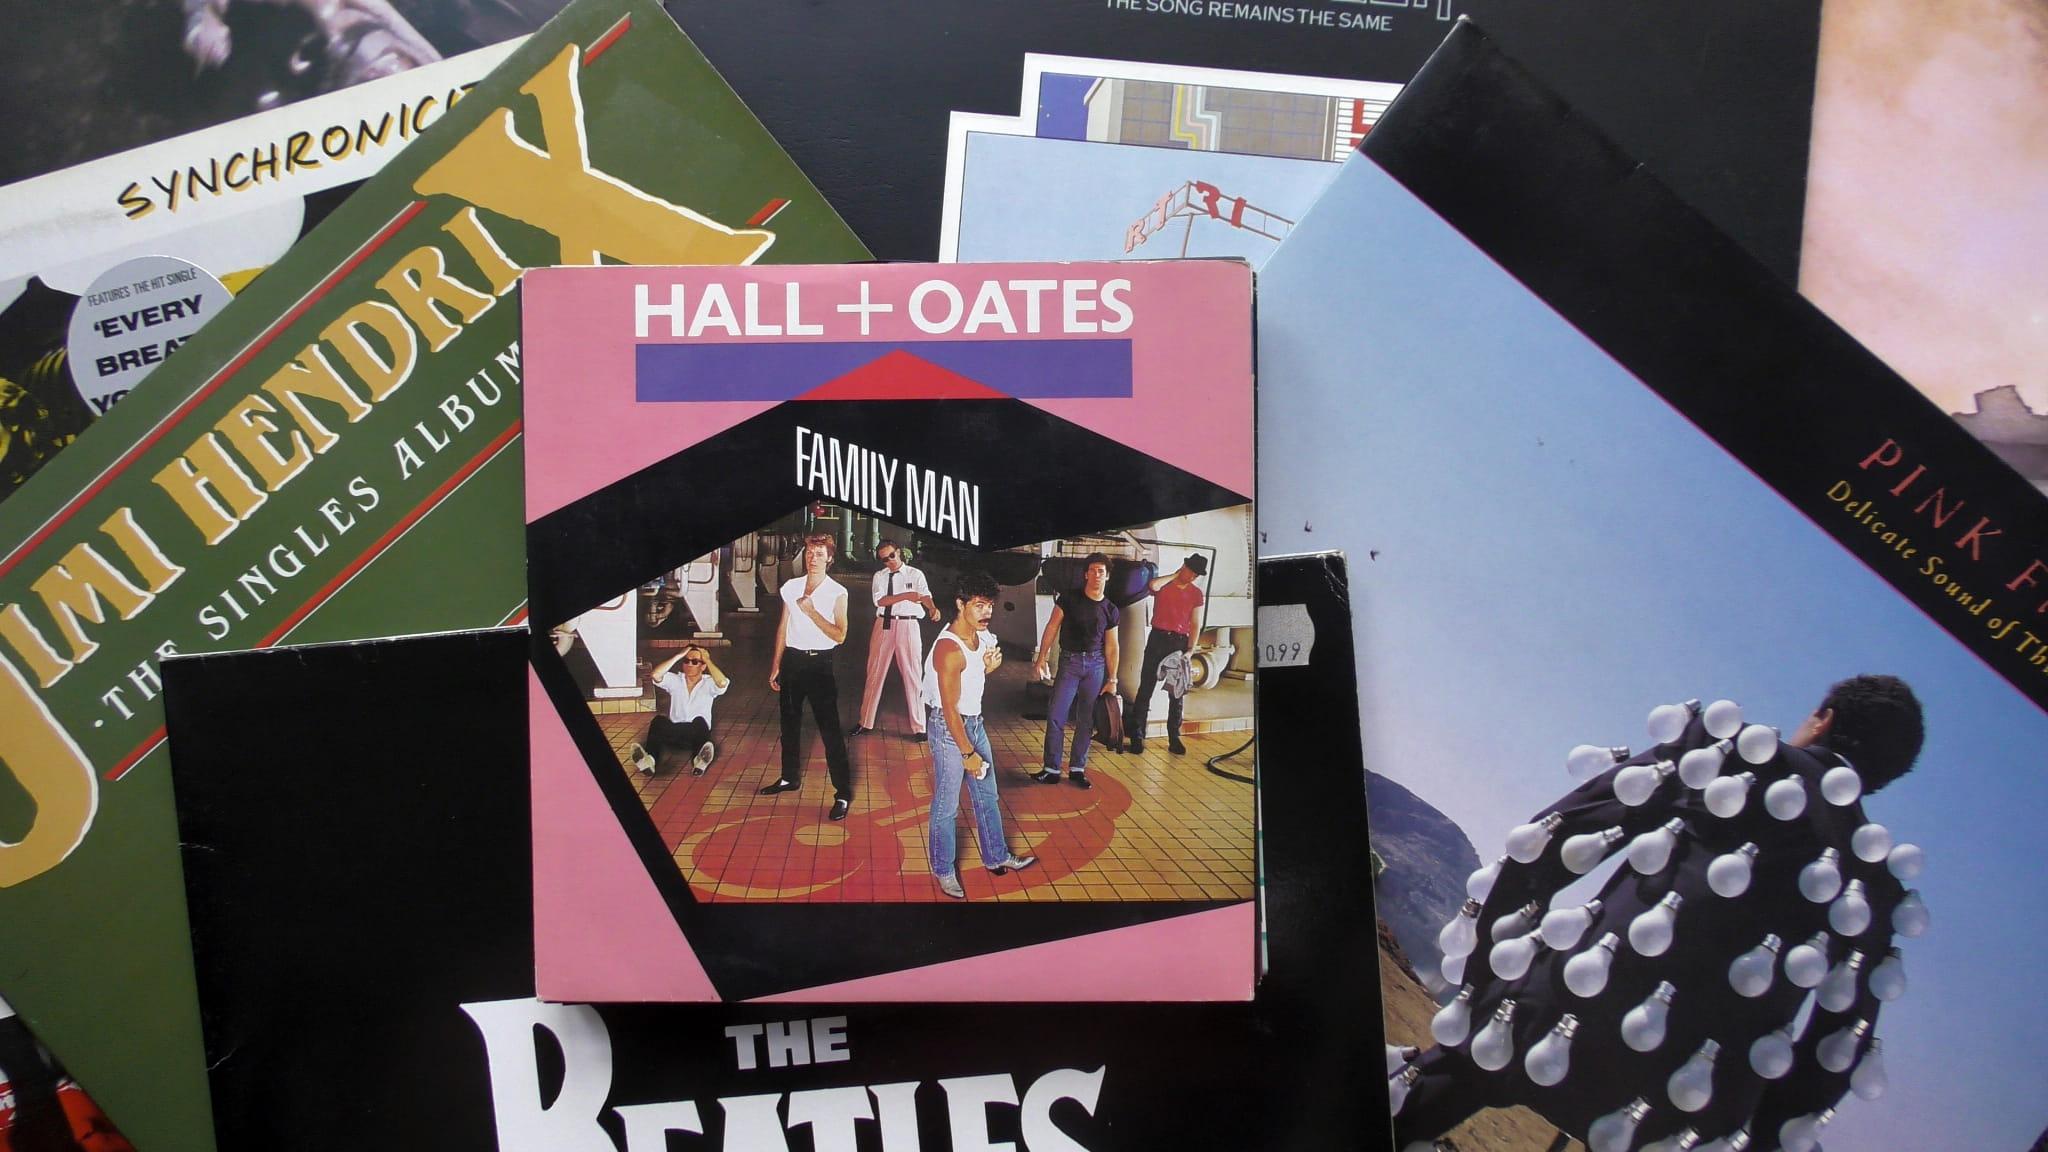 Hall + Oates – Family Man RCA – RCA 323 Vinyl, 7